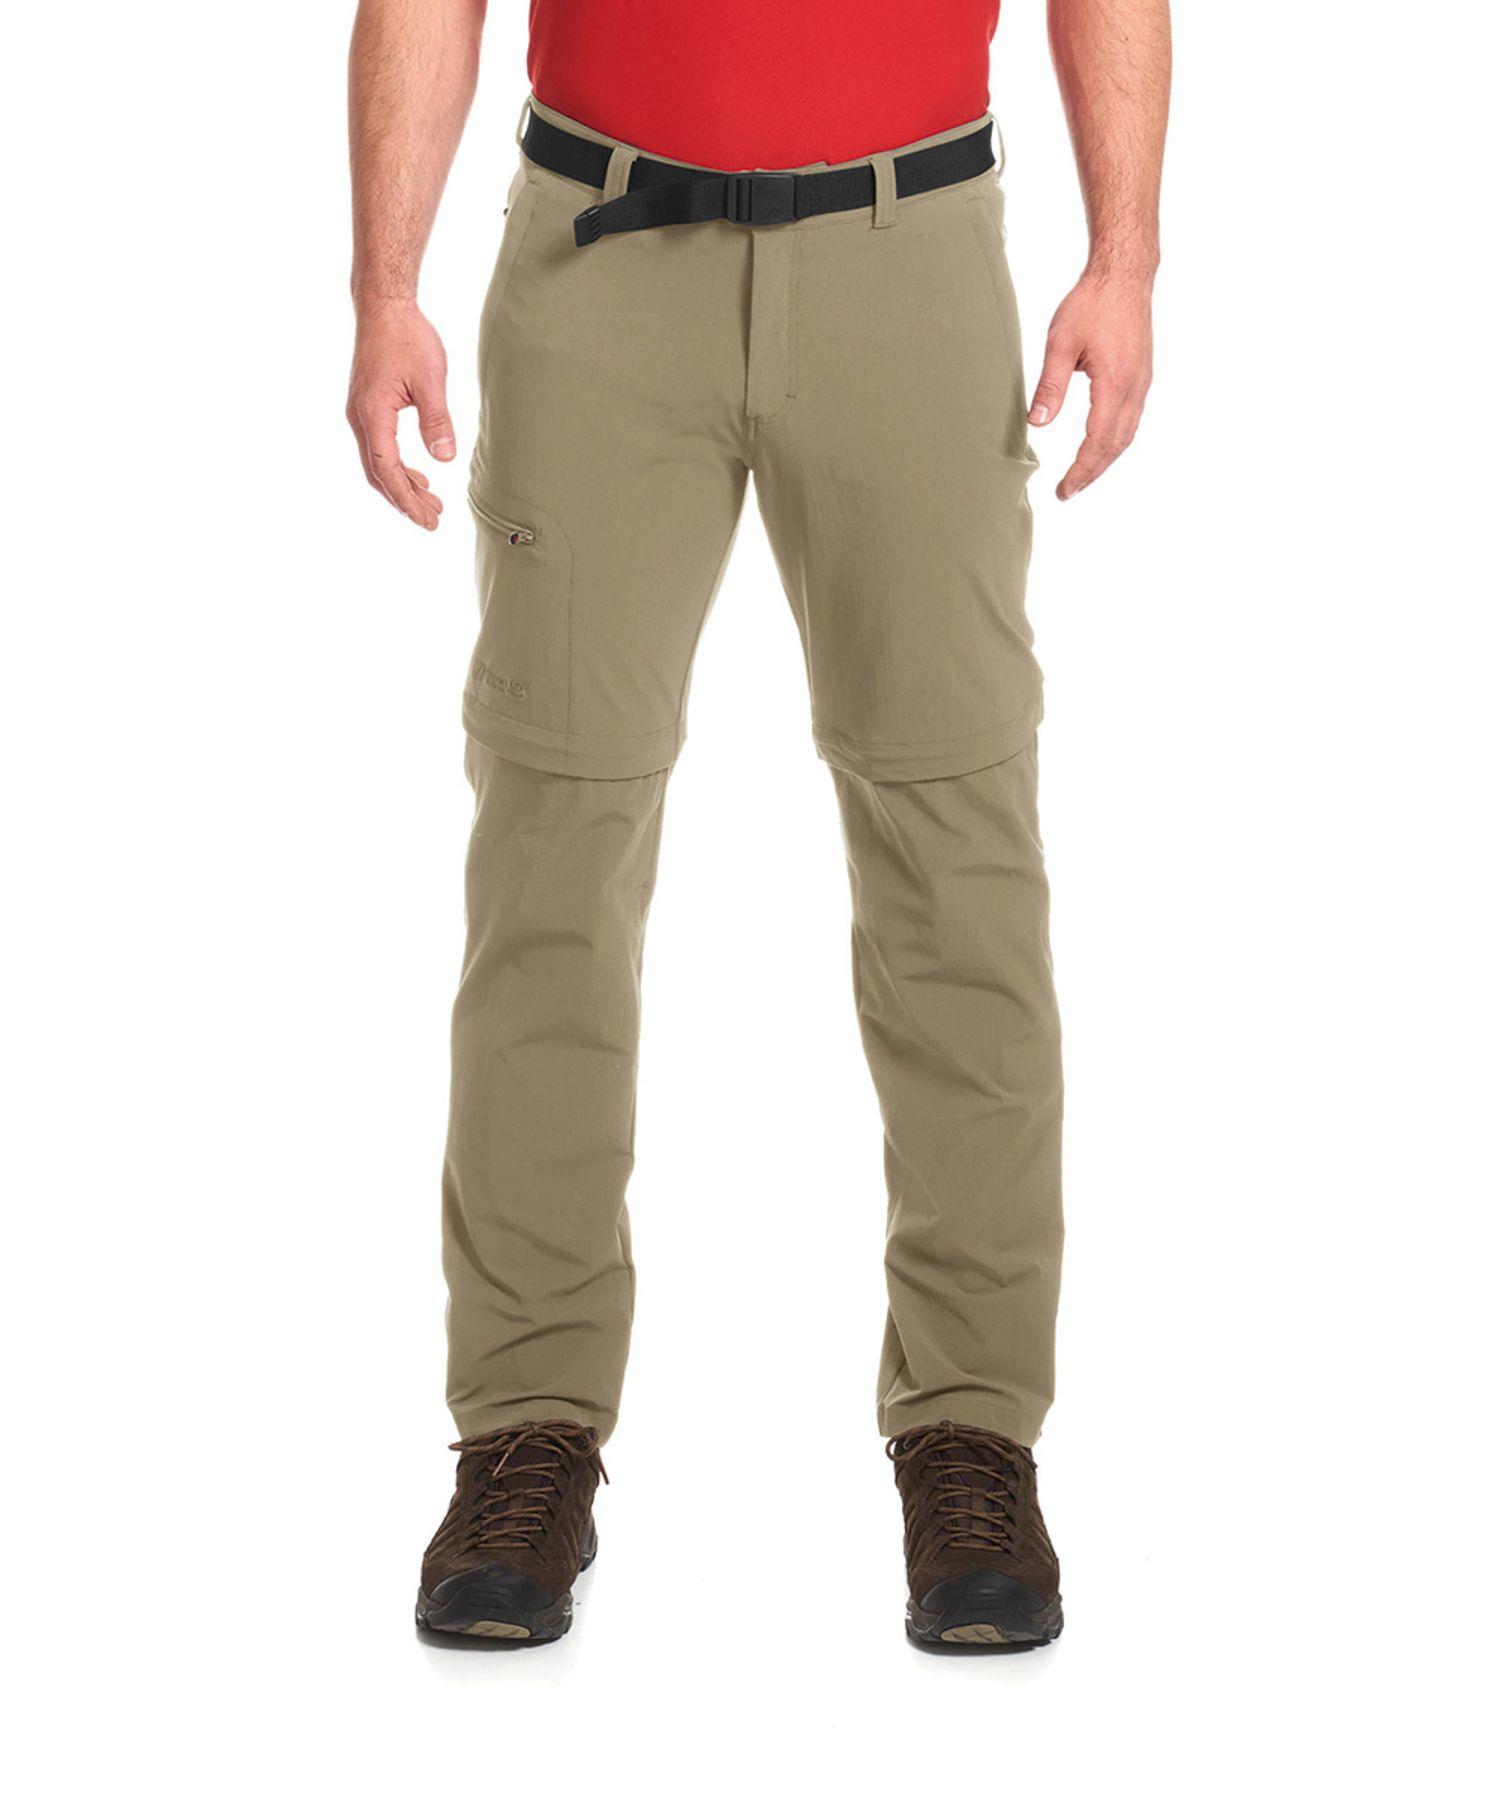 Maier Sports- Herren Outdoor-Trekking und Funktions Hose mit Zipp-off in Black, Teak oder Graphit Artikel Tajo (133003) – Bild 7